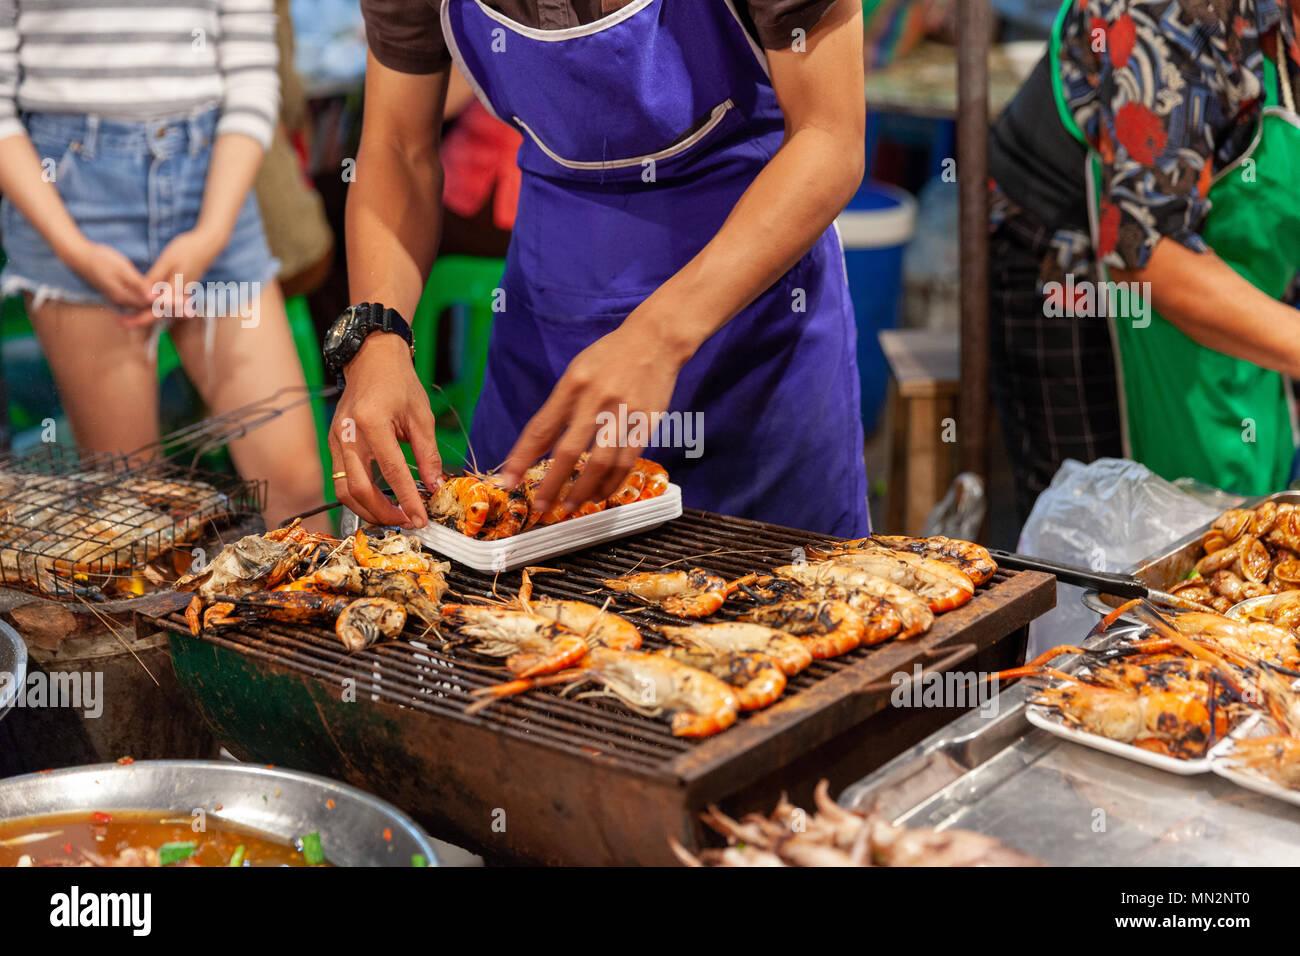 CHIANG MAI, Thailandia - 27 agosto: Uomo preparare i gamberetti per la vendita presso il sabato al mercato notturno di Chiang Mai (walking street) il 27 agosto 2016 in Chian Immagini Stock